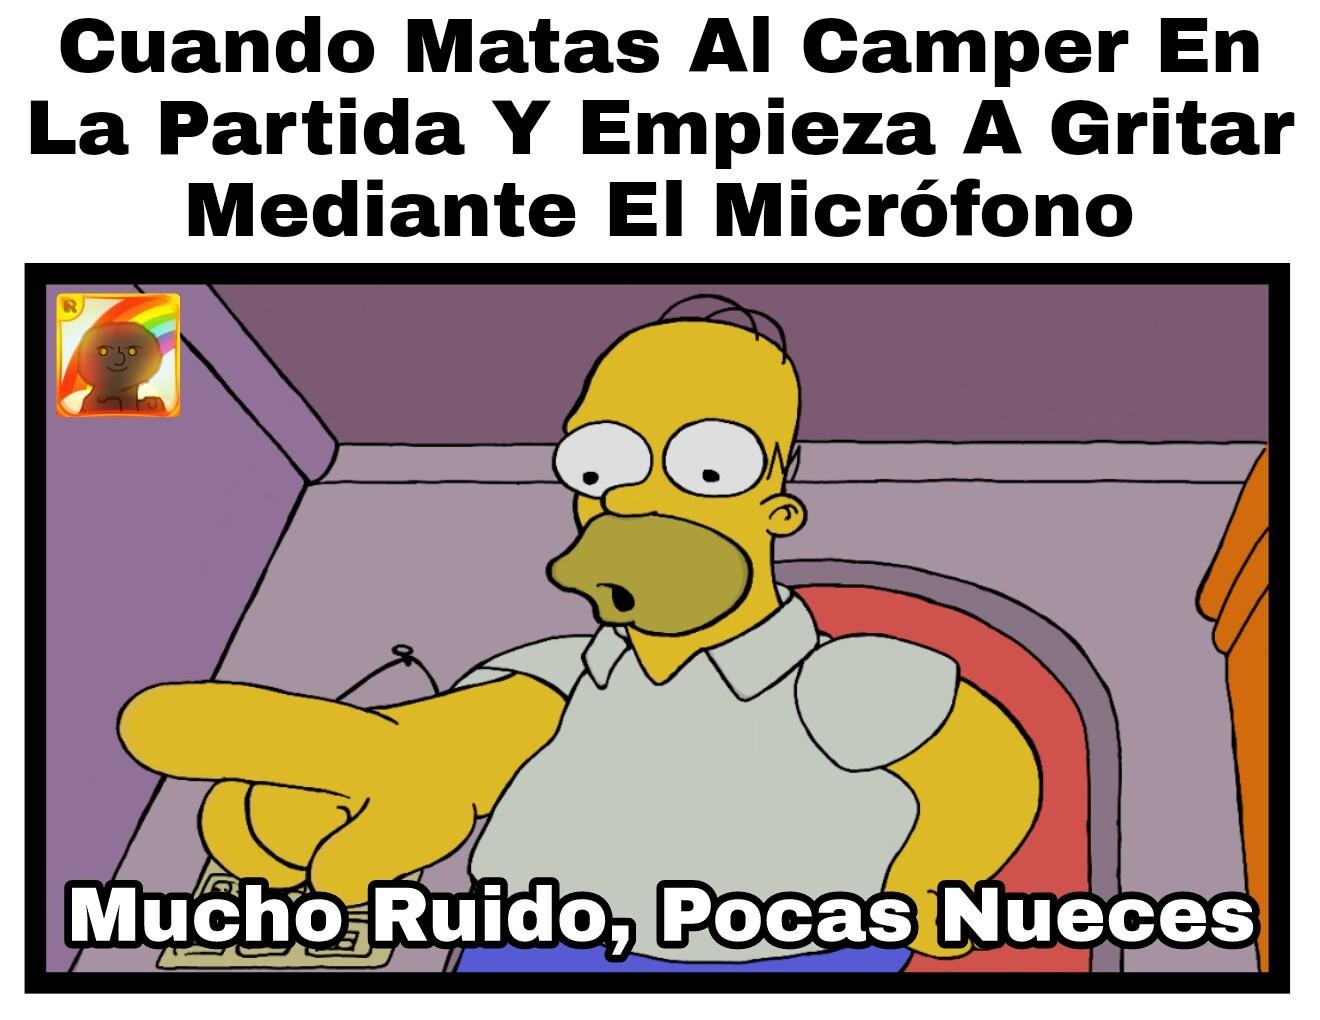 Camper Ruidoso - meme